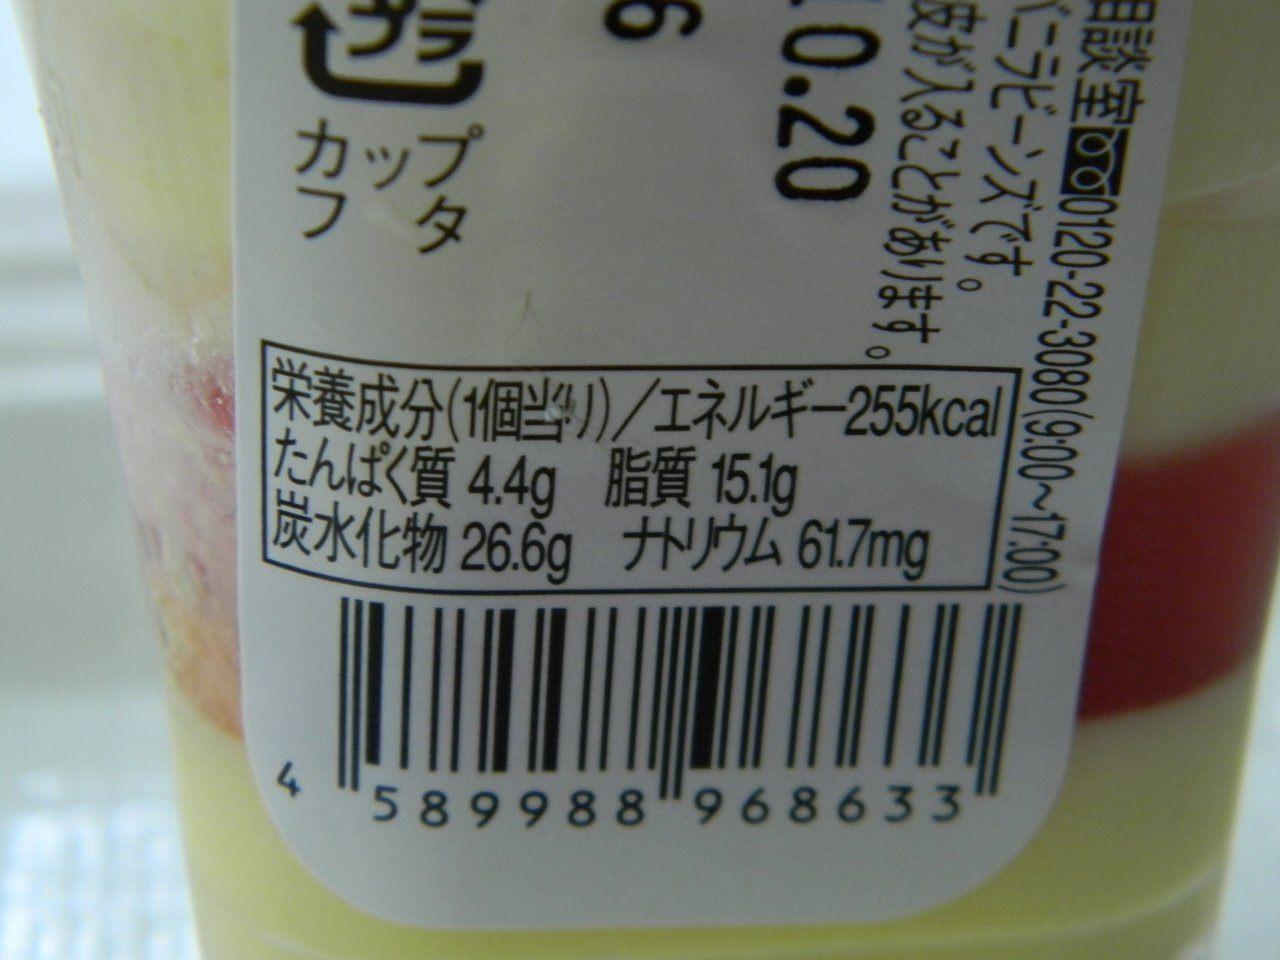 卡士達水果百匯 商品説明